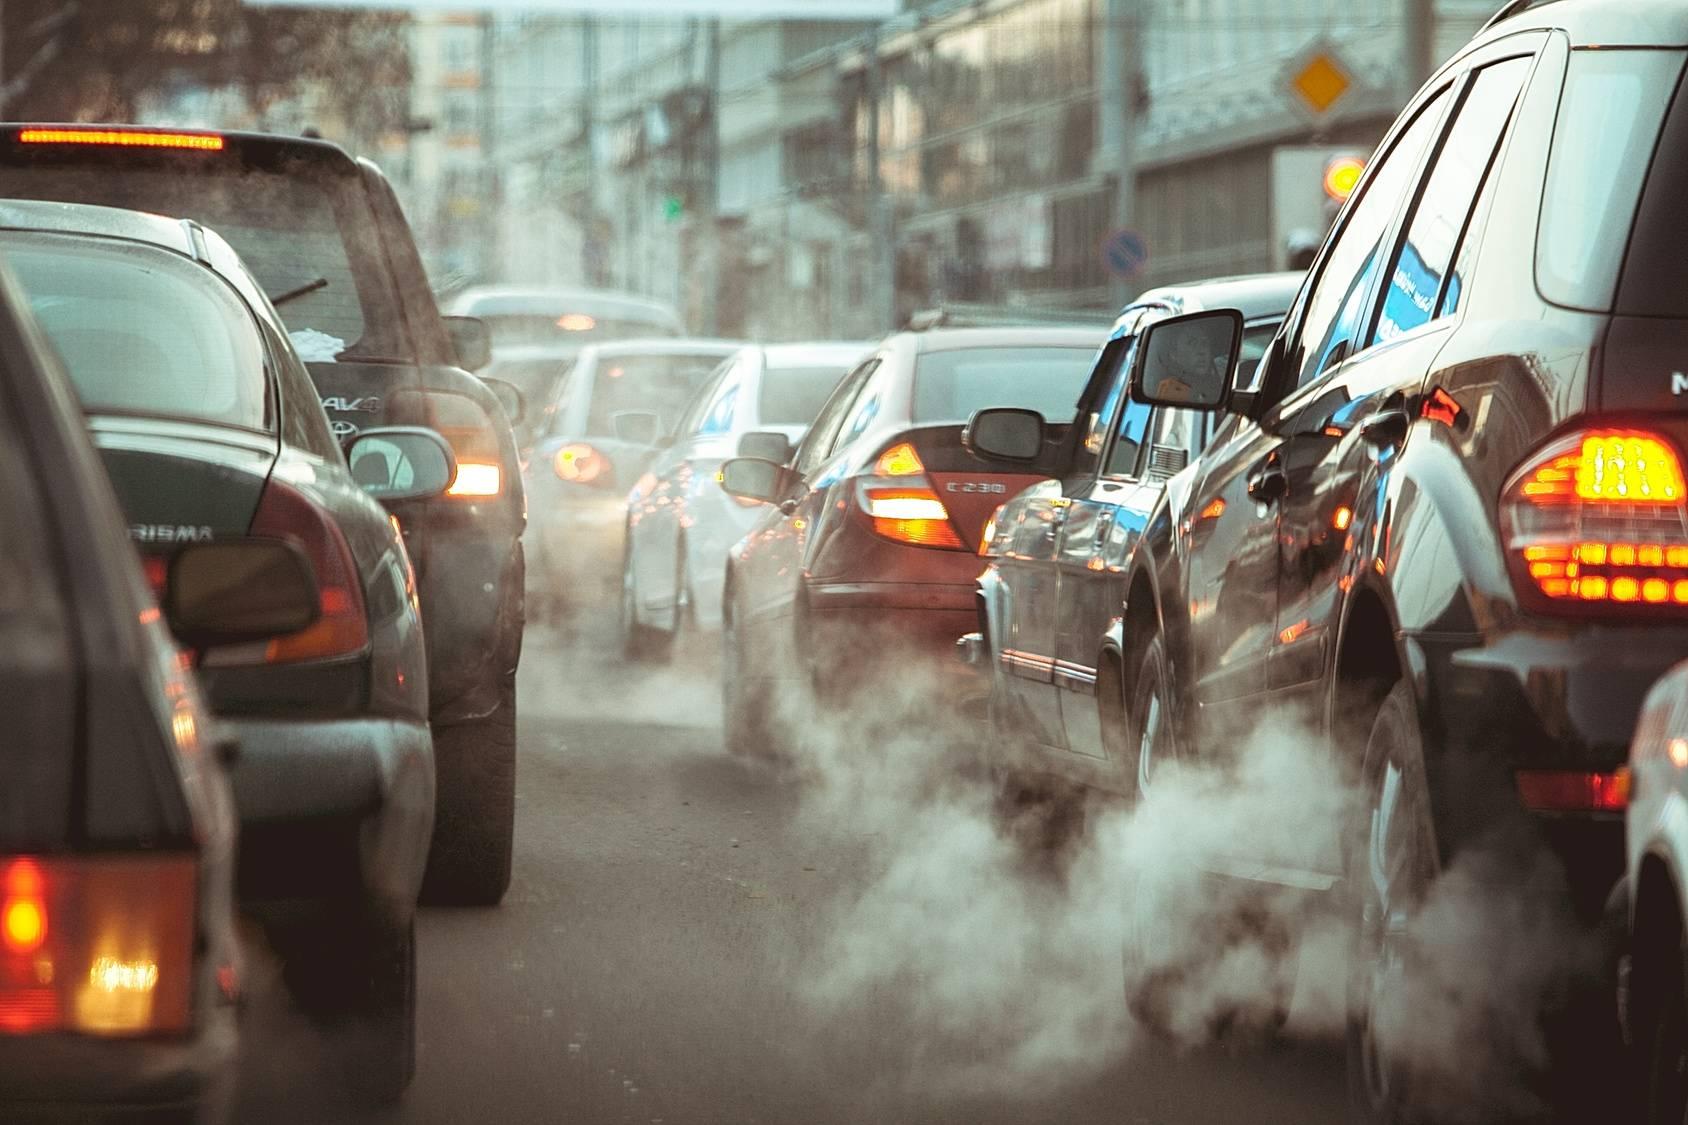 Smog latem - w jaki sposób się przed nim chronić?